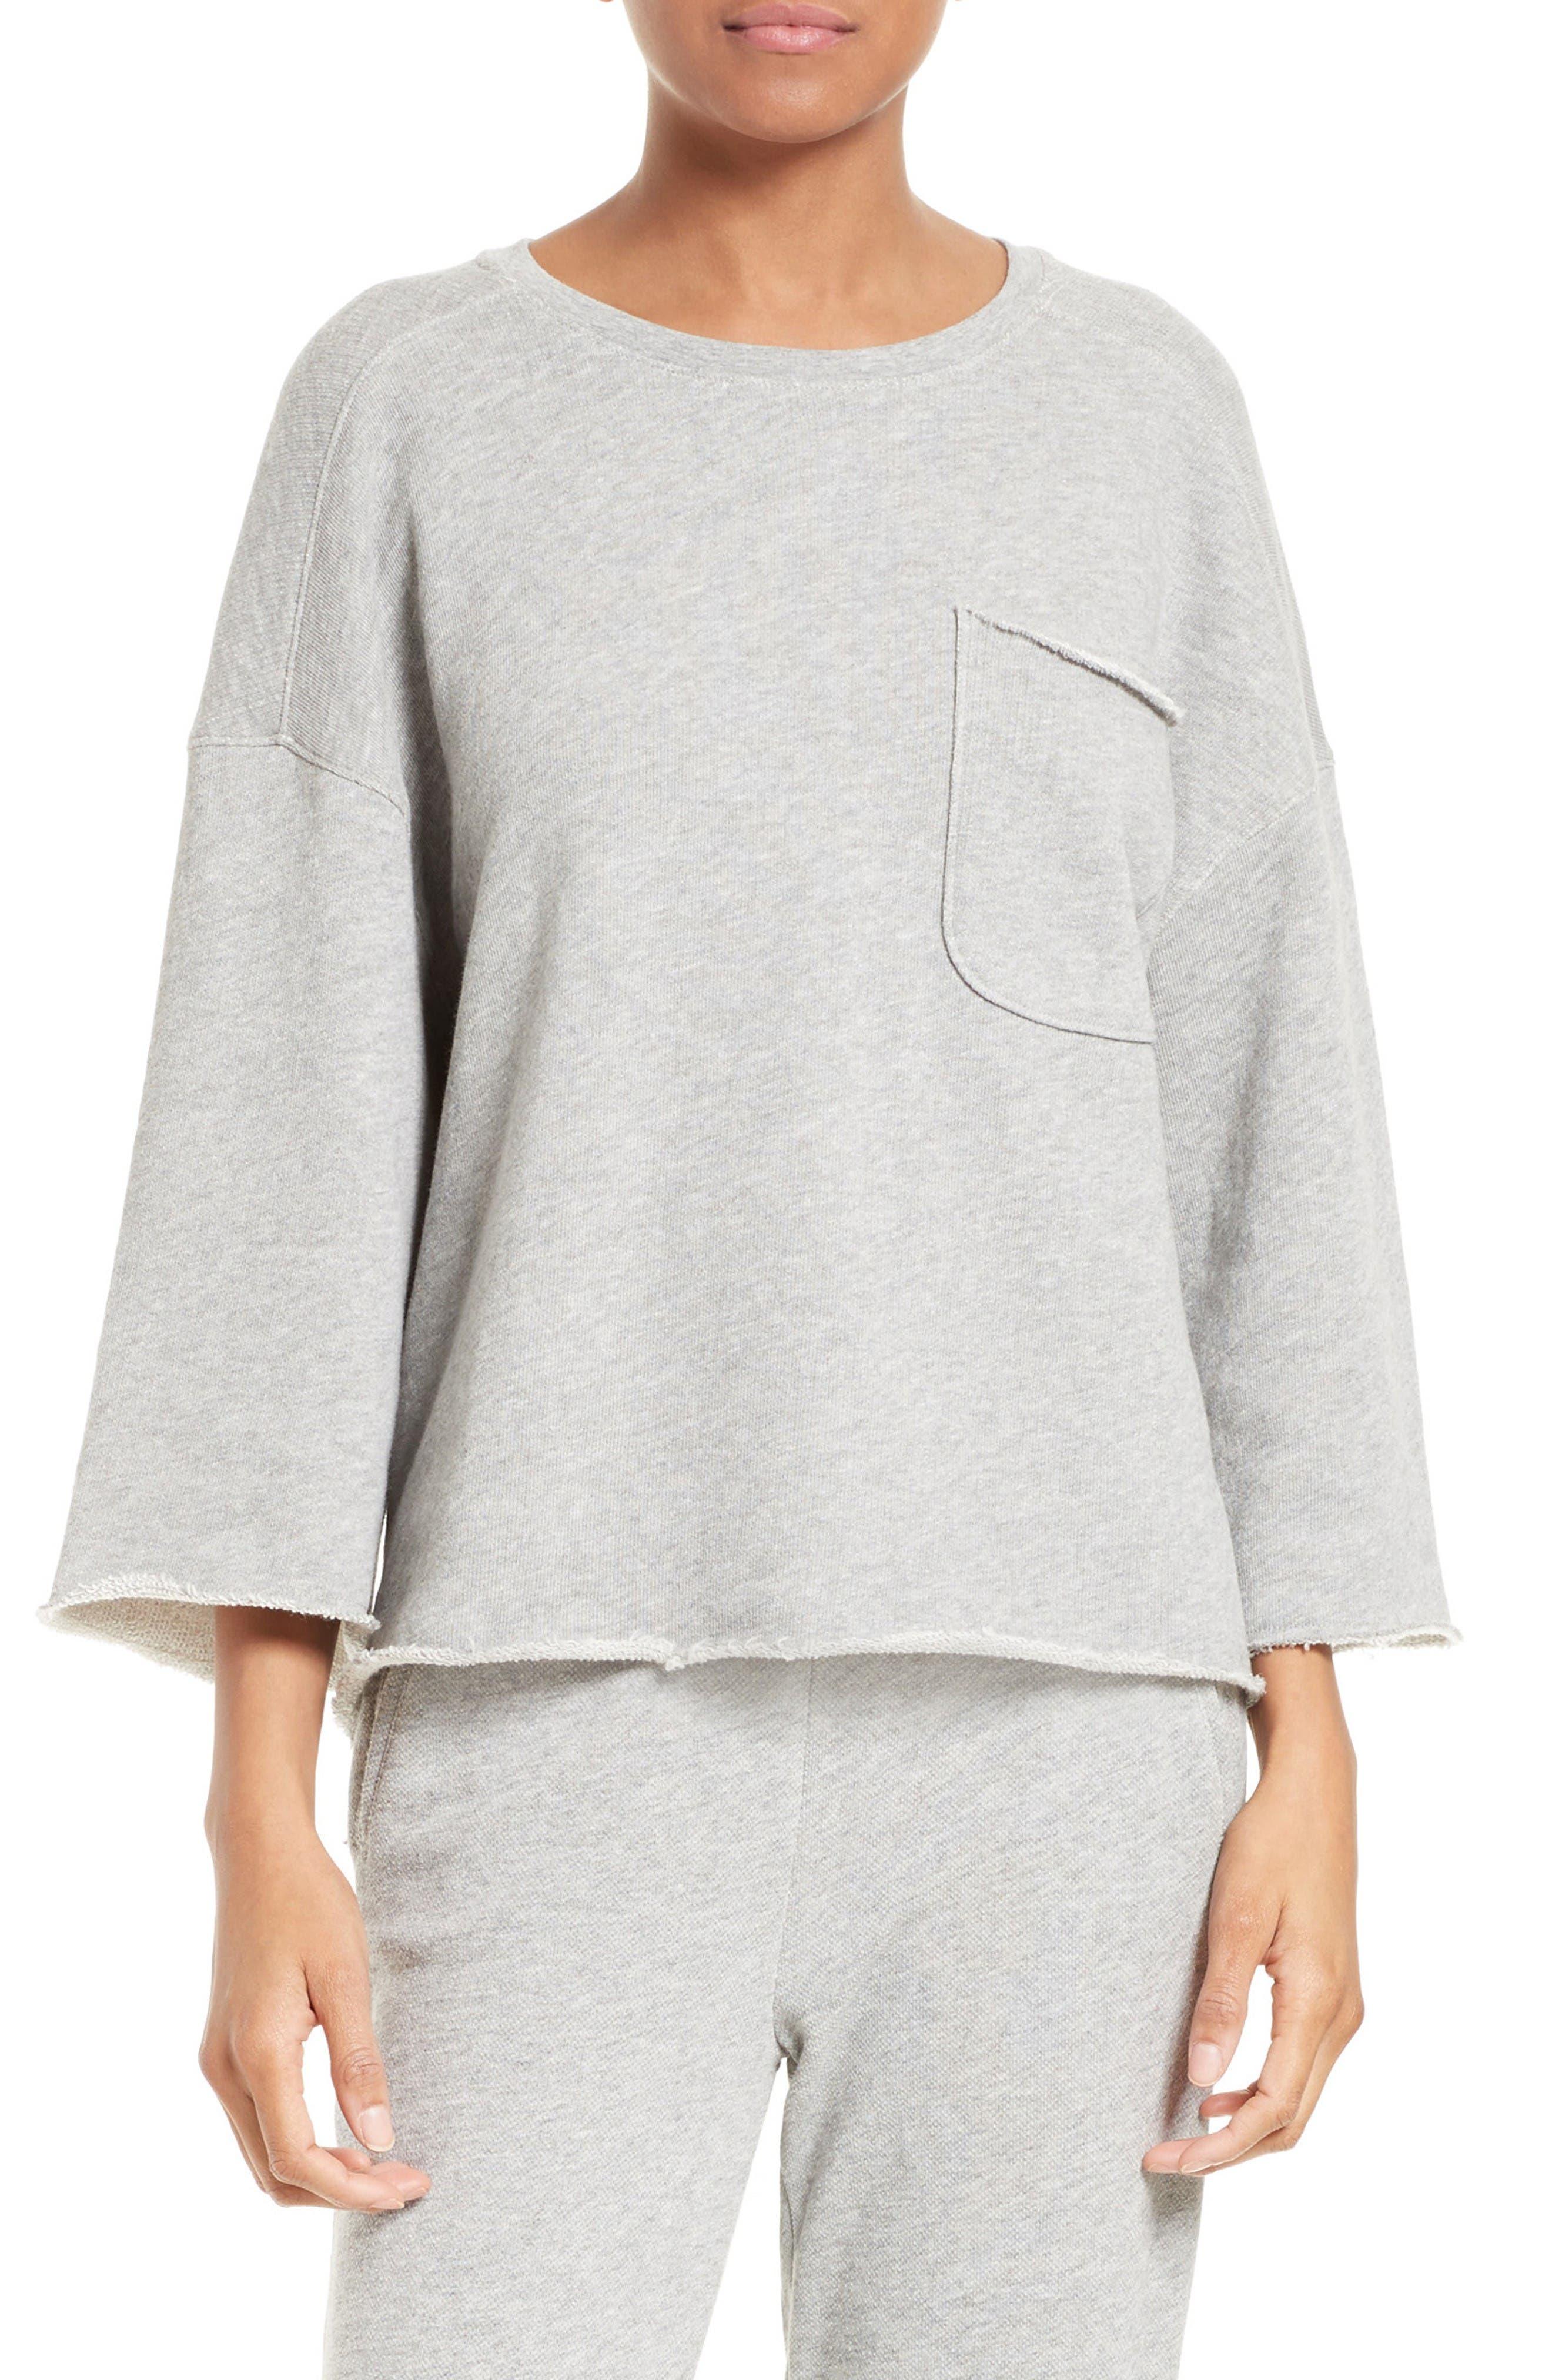 Main Image - ATM Anthony Thomas Melillo Pocket Sweatshirt